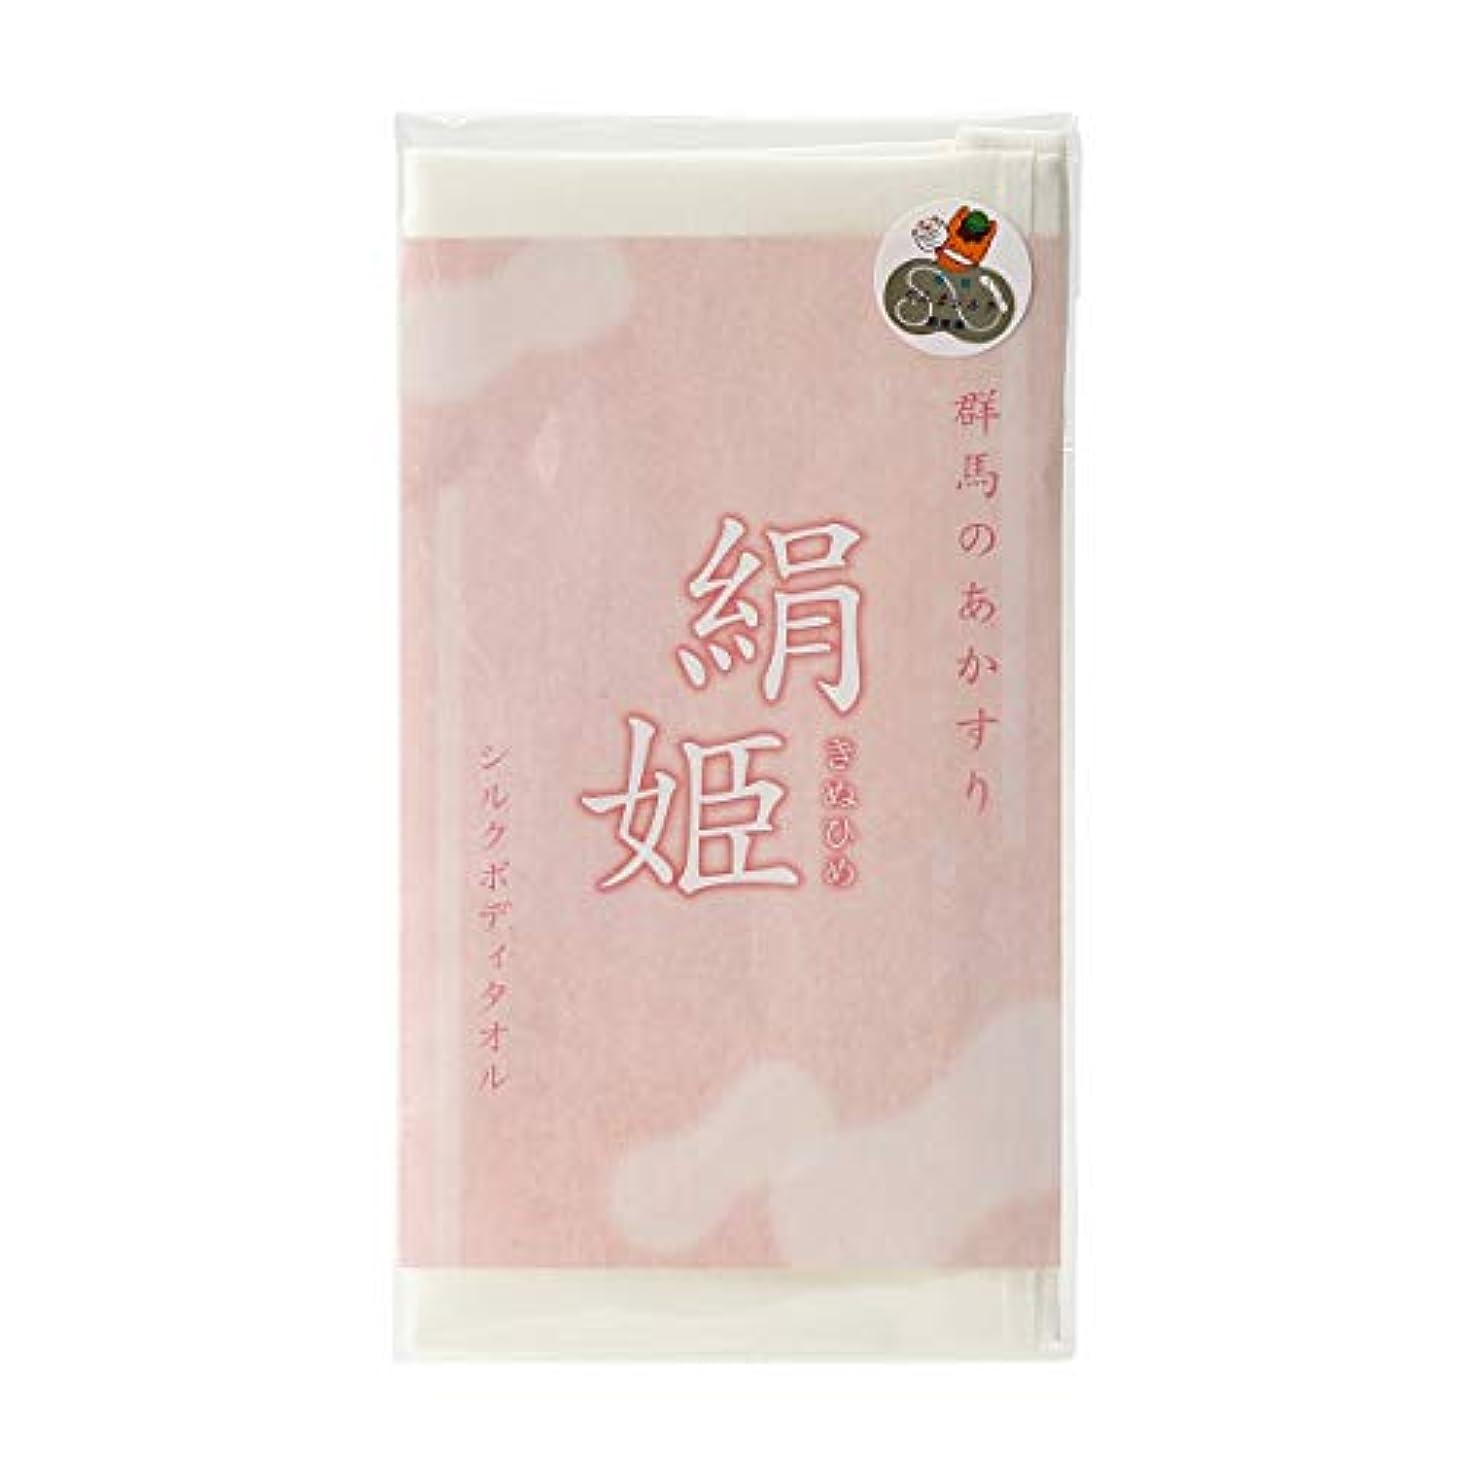 対角線権威不規則性[ハッピーシルク ] 絹姫 (きぬひめ) ボディータオル シルクあかすり 00245